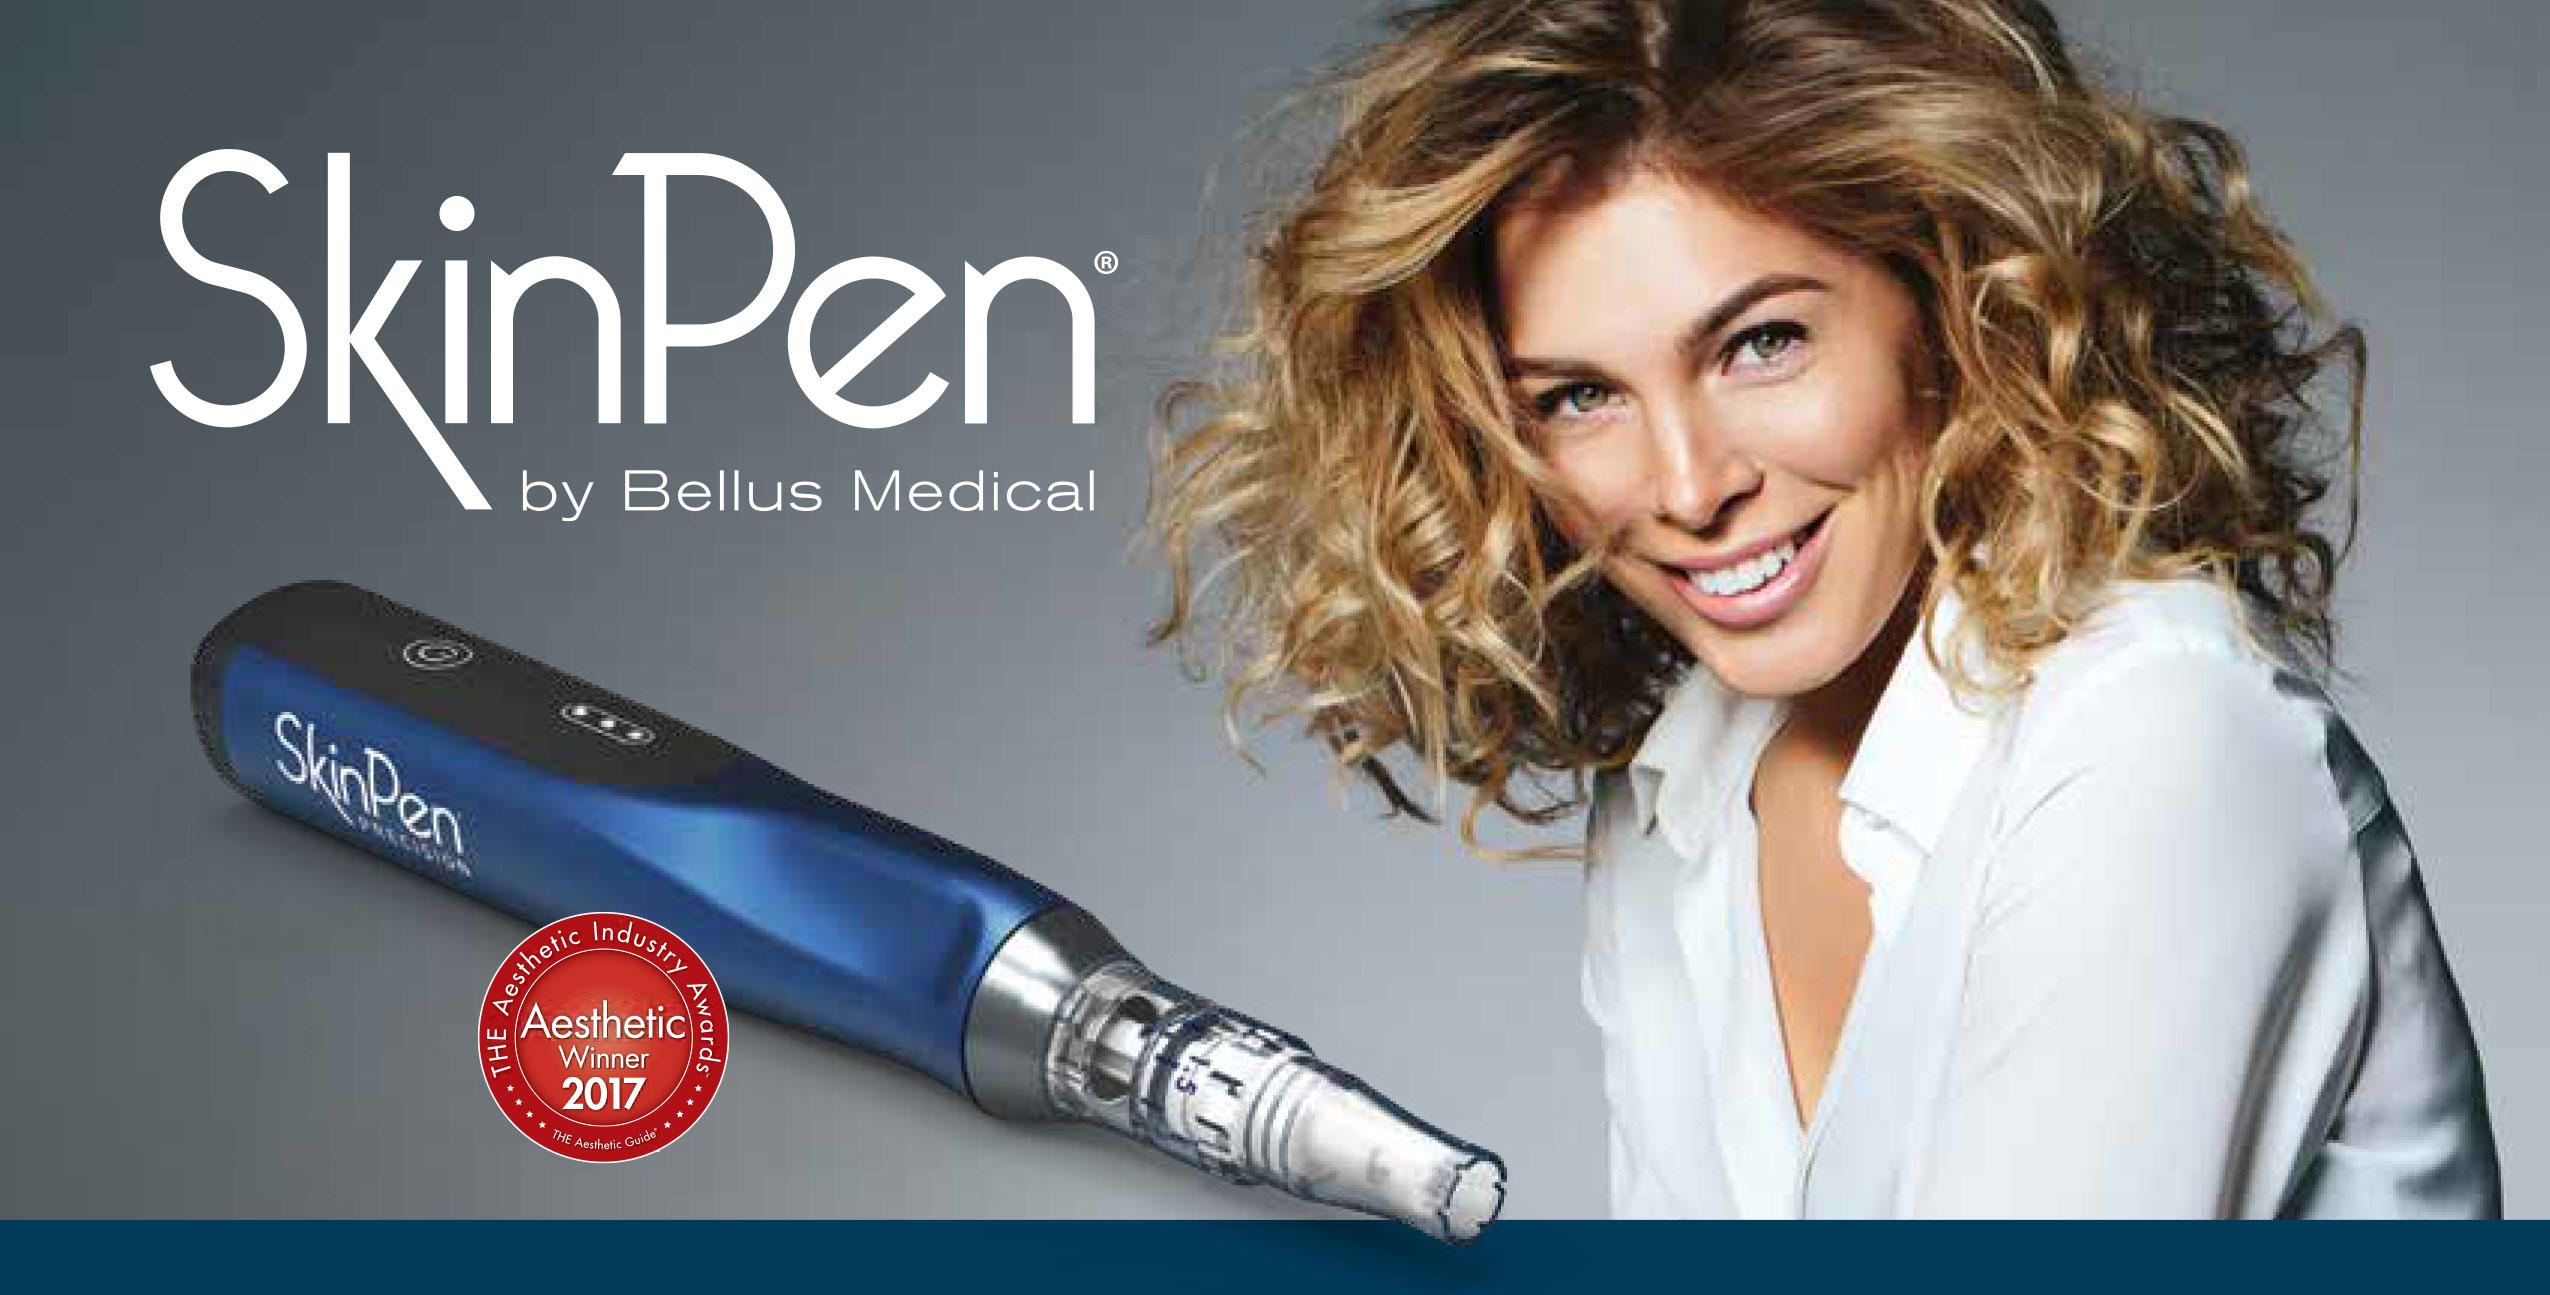 skin pen, microneedling